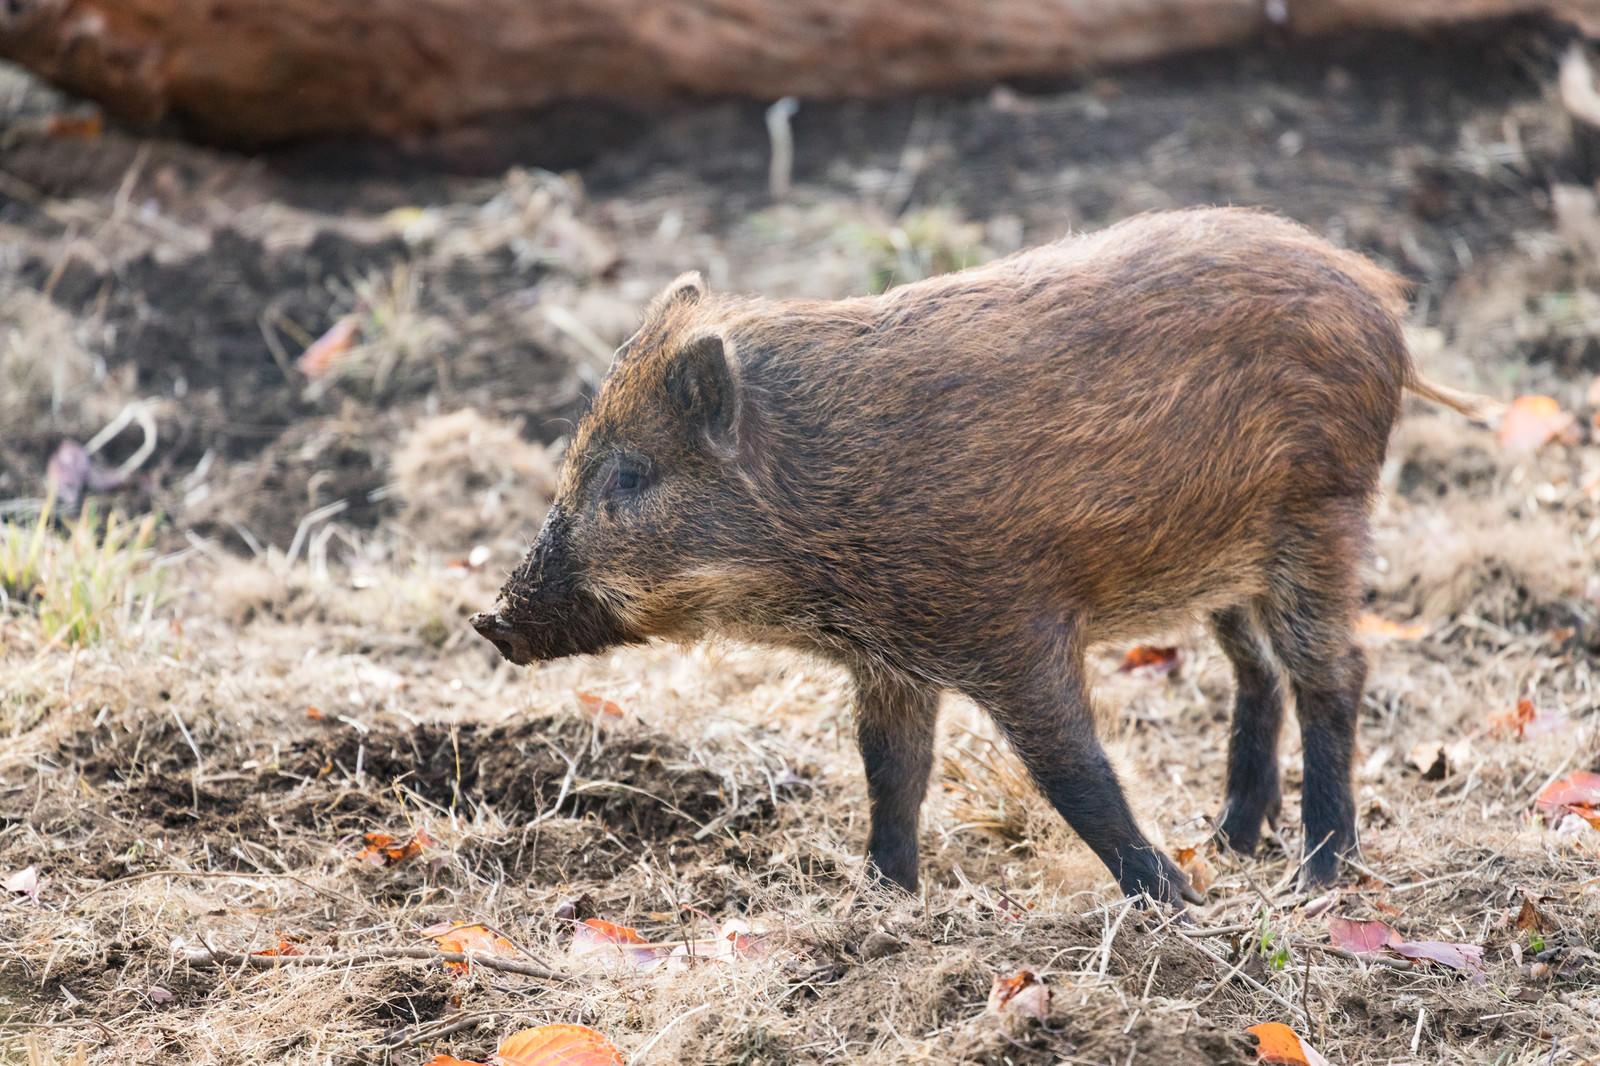 「穴掘りすぎて鼻が泥だらけの猪」の写真